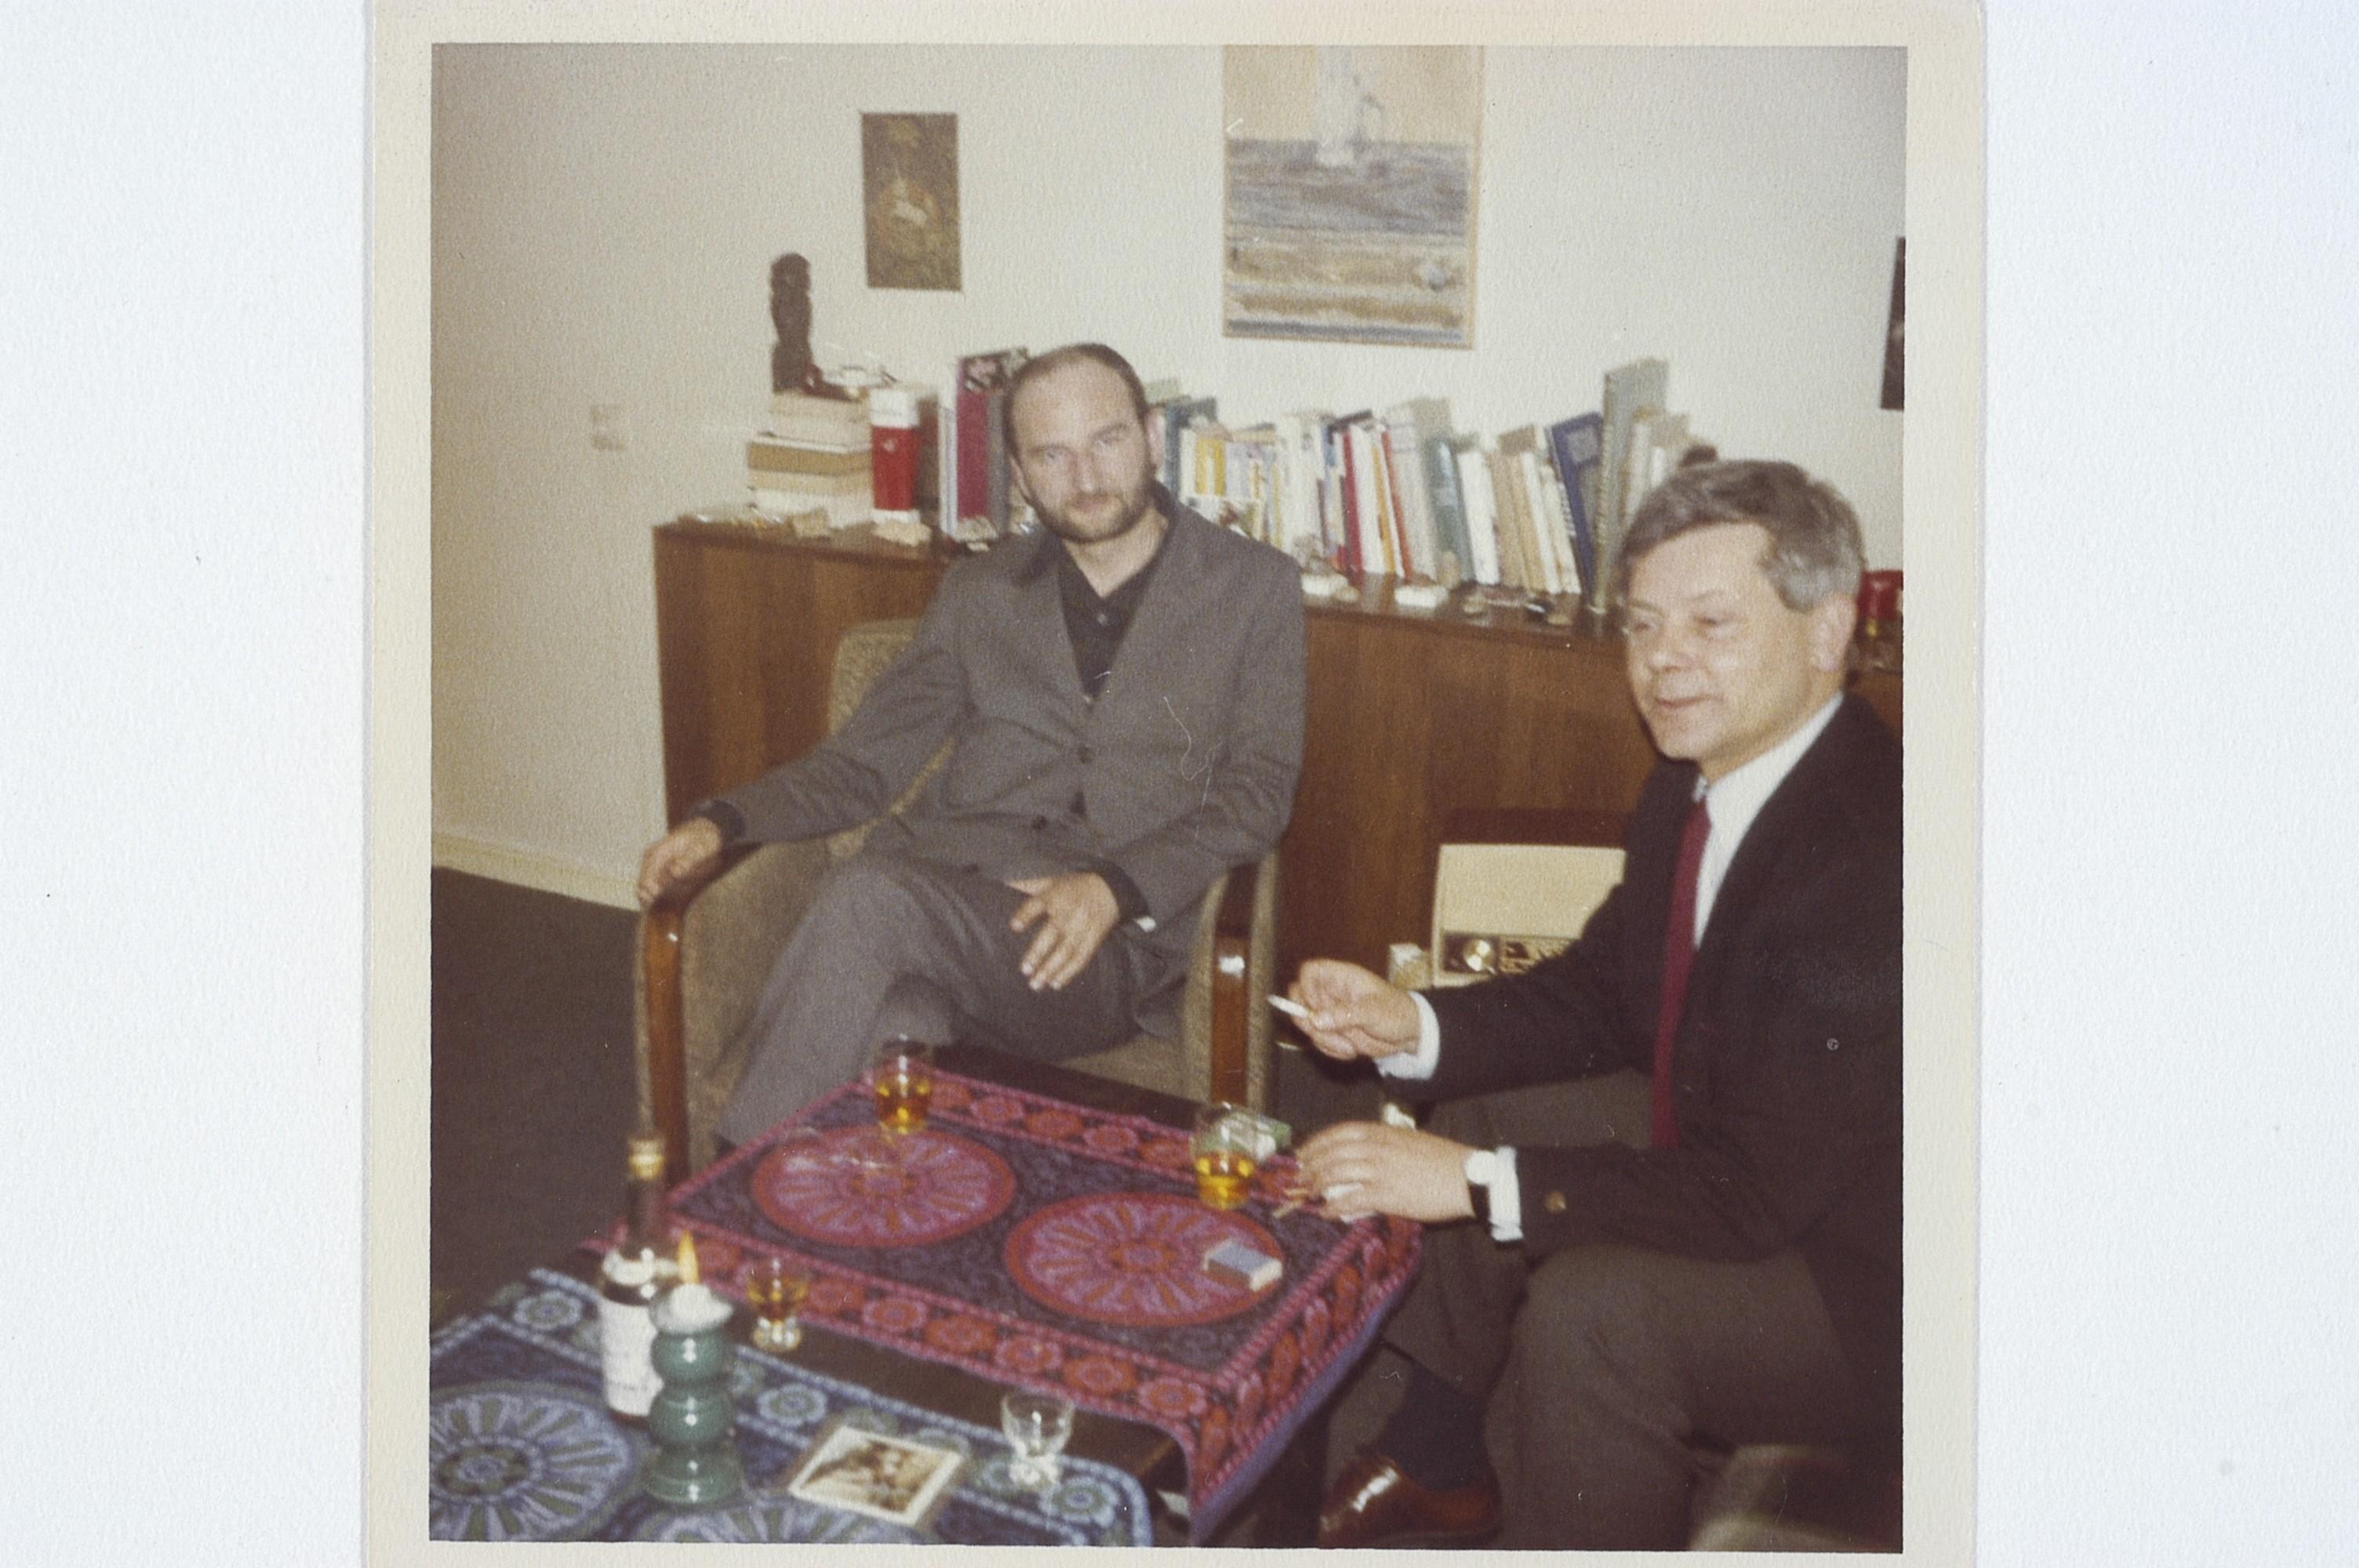 W towarzystwie Sławomira Mrożka, w berlińskim mieszkaniu małżeństwa Herbertów, ok. 1969 r. (fot. Katarzyna Herbert, Archwium Zbigniewa Herberta, Biblioteka Narodowa)